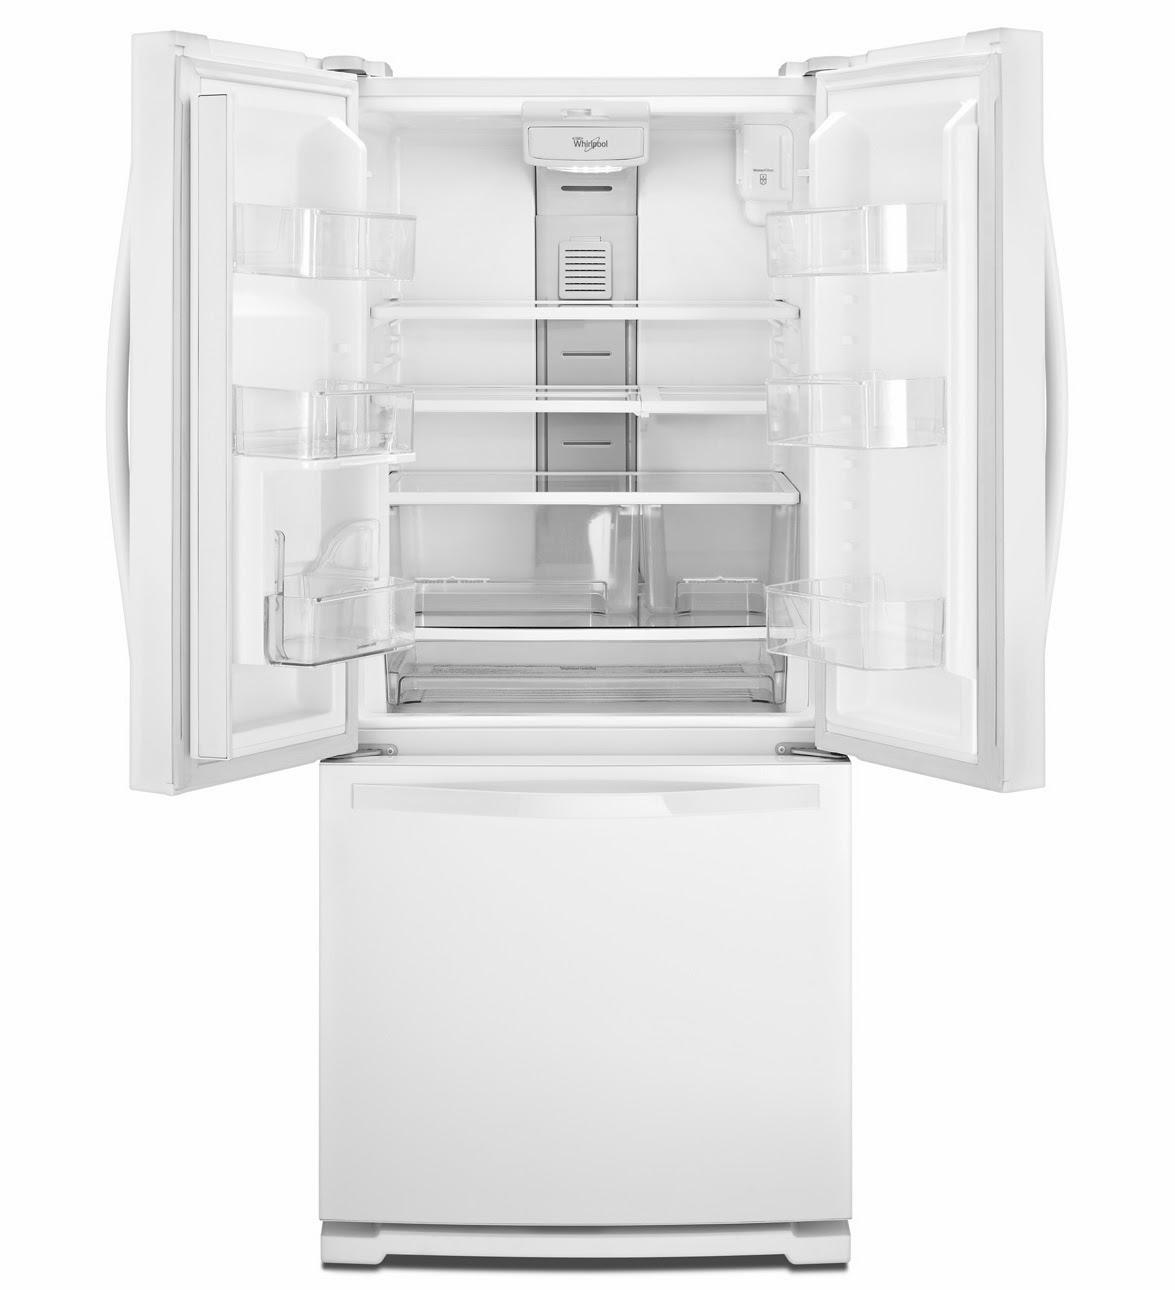 Whirlpool white ice counter depth french door - Whirlpool Refrigerator Brand Whirlpool Wrf560seym French Door Refrigerator